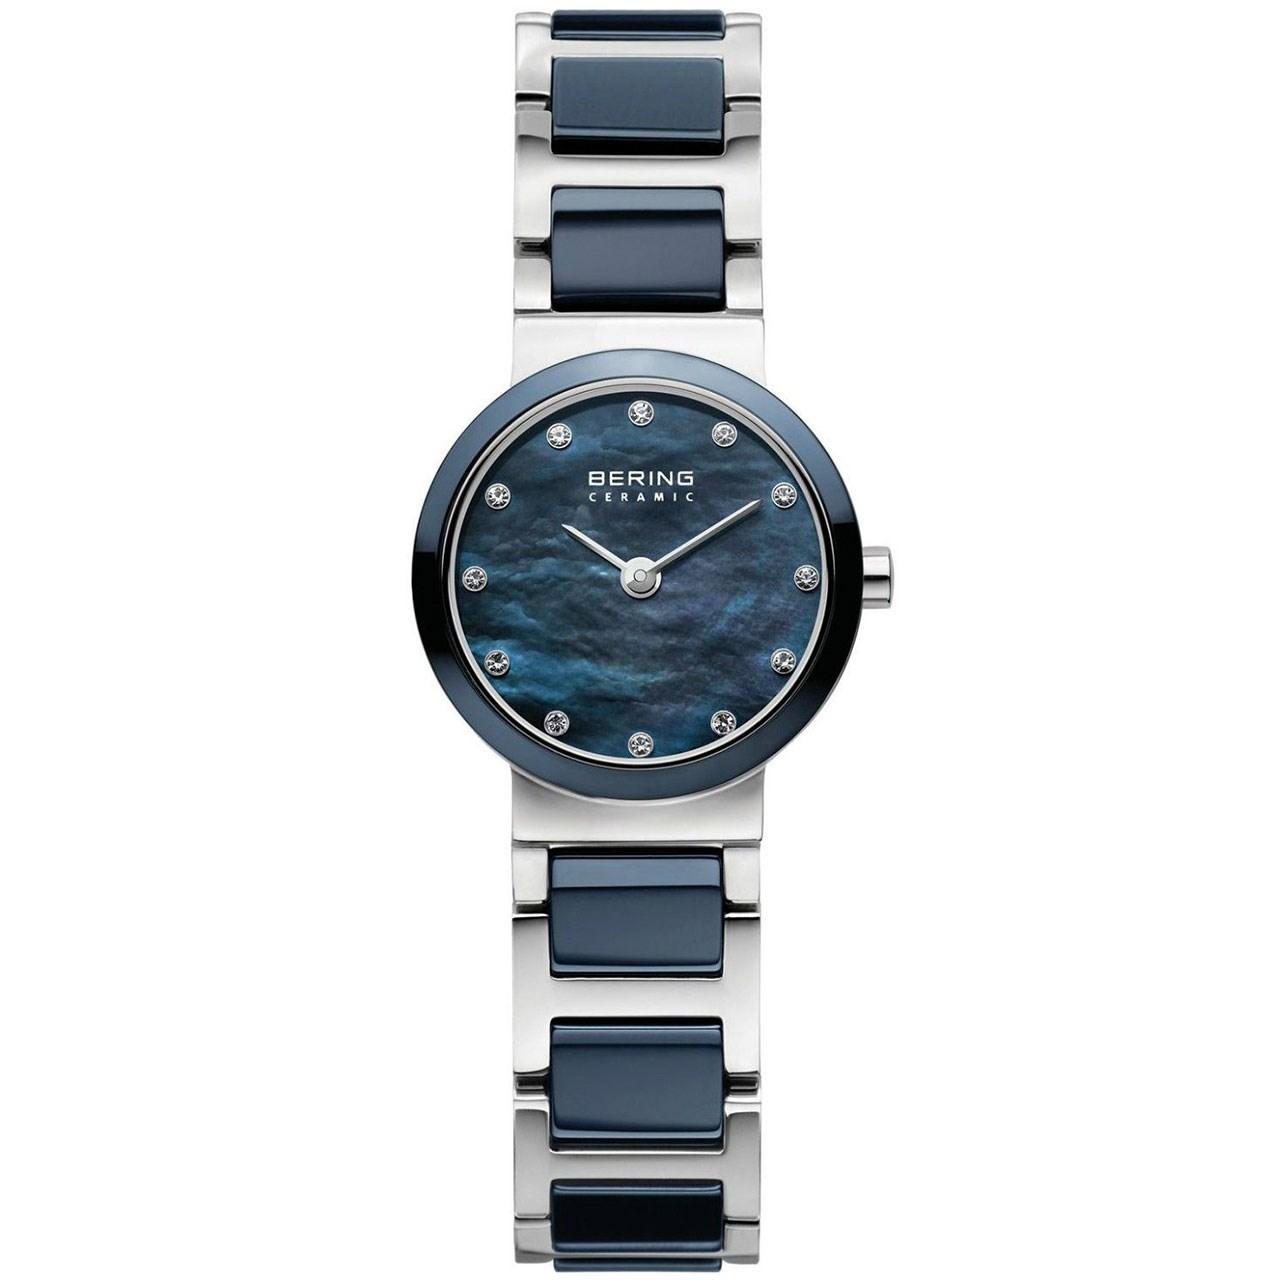 ساعت مچی عقربه ای زنانه برینگ مدل B10729-787 25